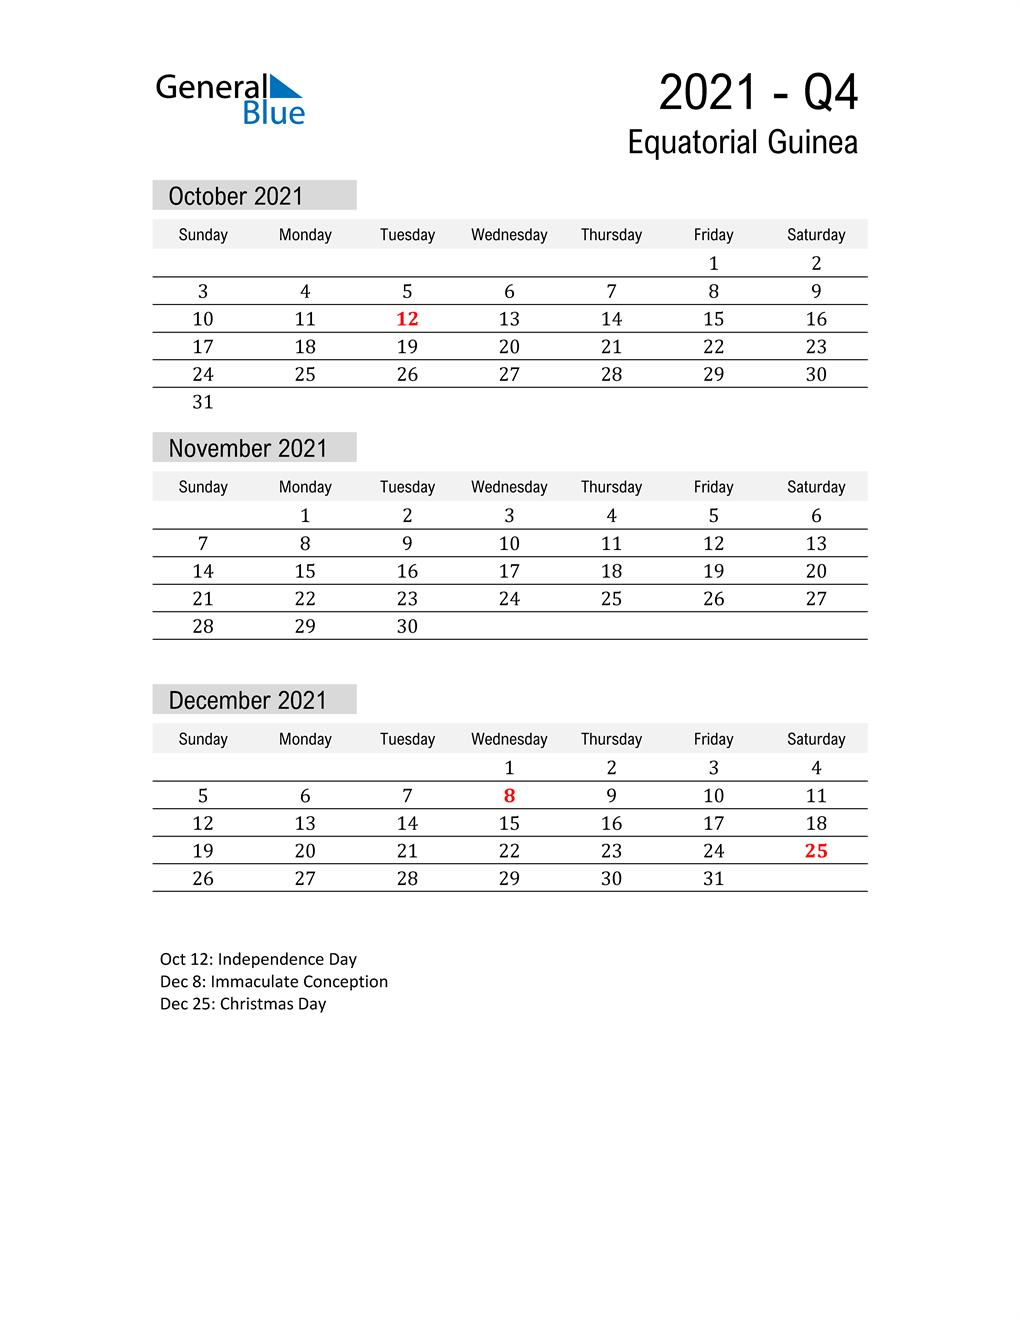 Equatorial Guinea Quarter 4 2021 Calendar